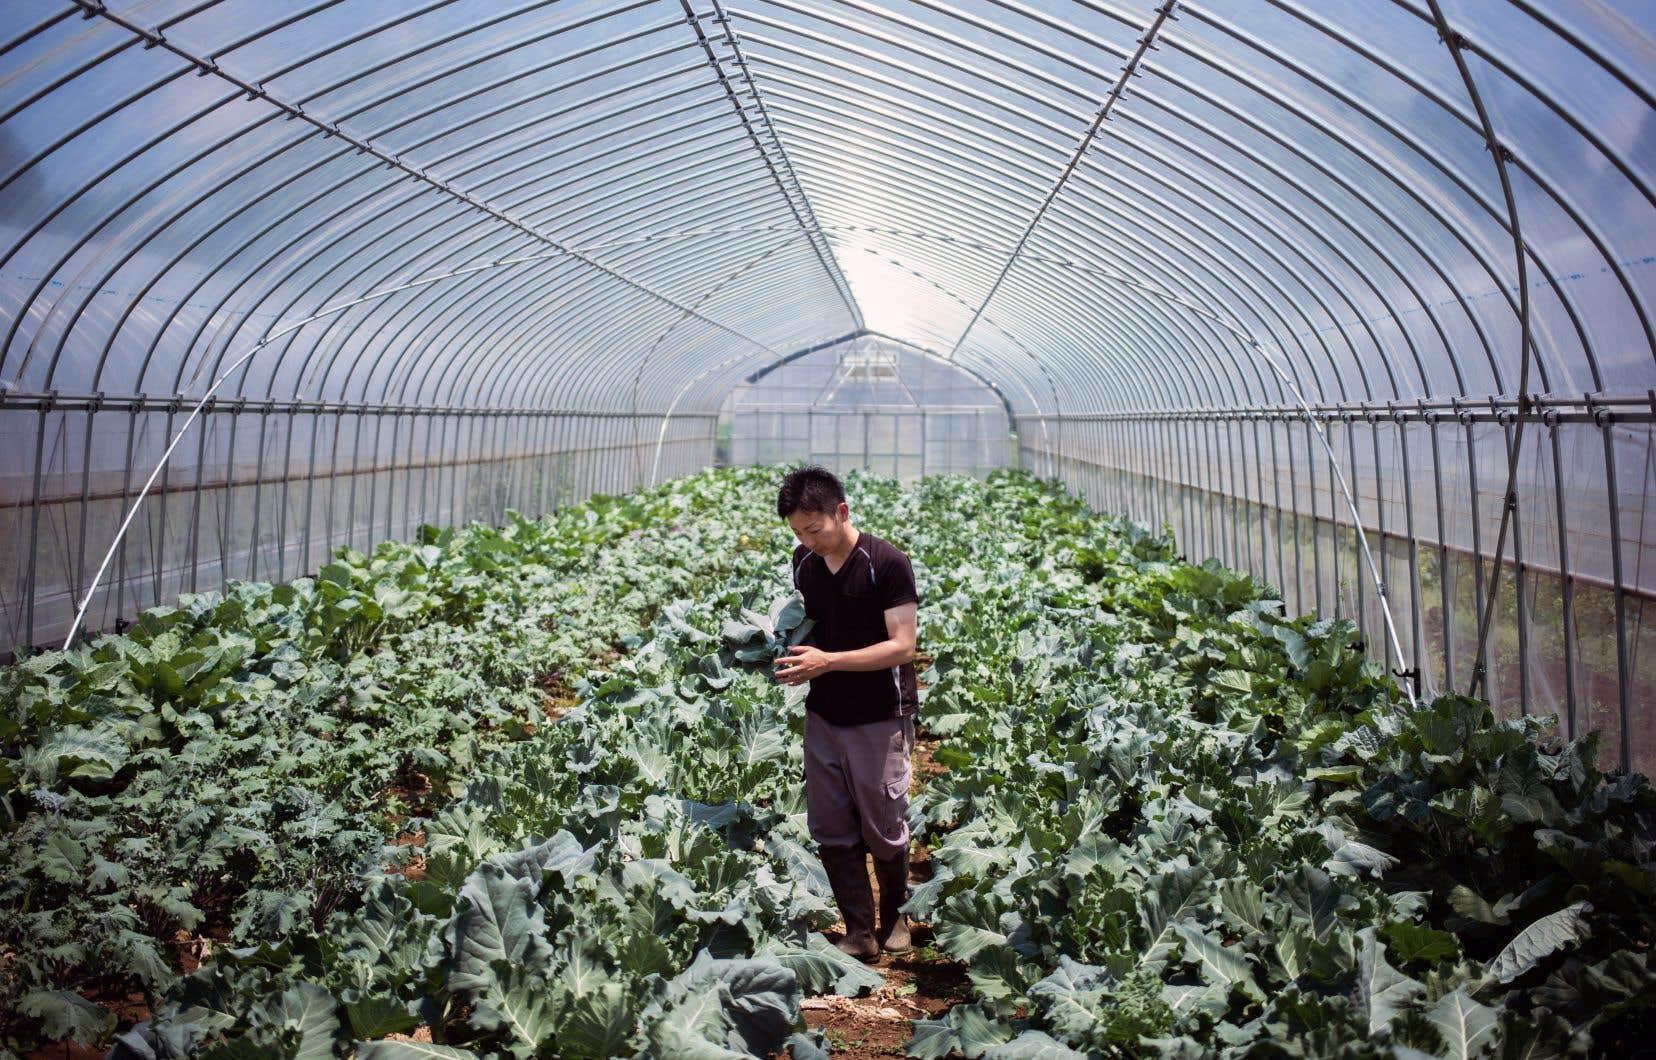 Yuya Shibakai cultive de la laitue, des tomates et des carottes dans sa ferme de légumes biologiques à Inzai, au Japon.